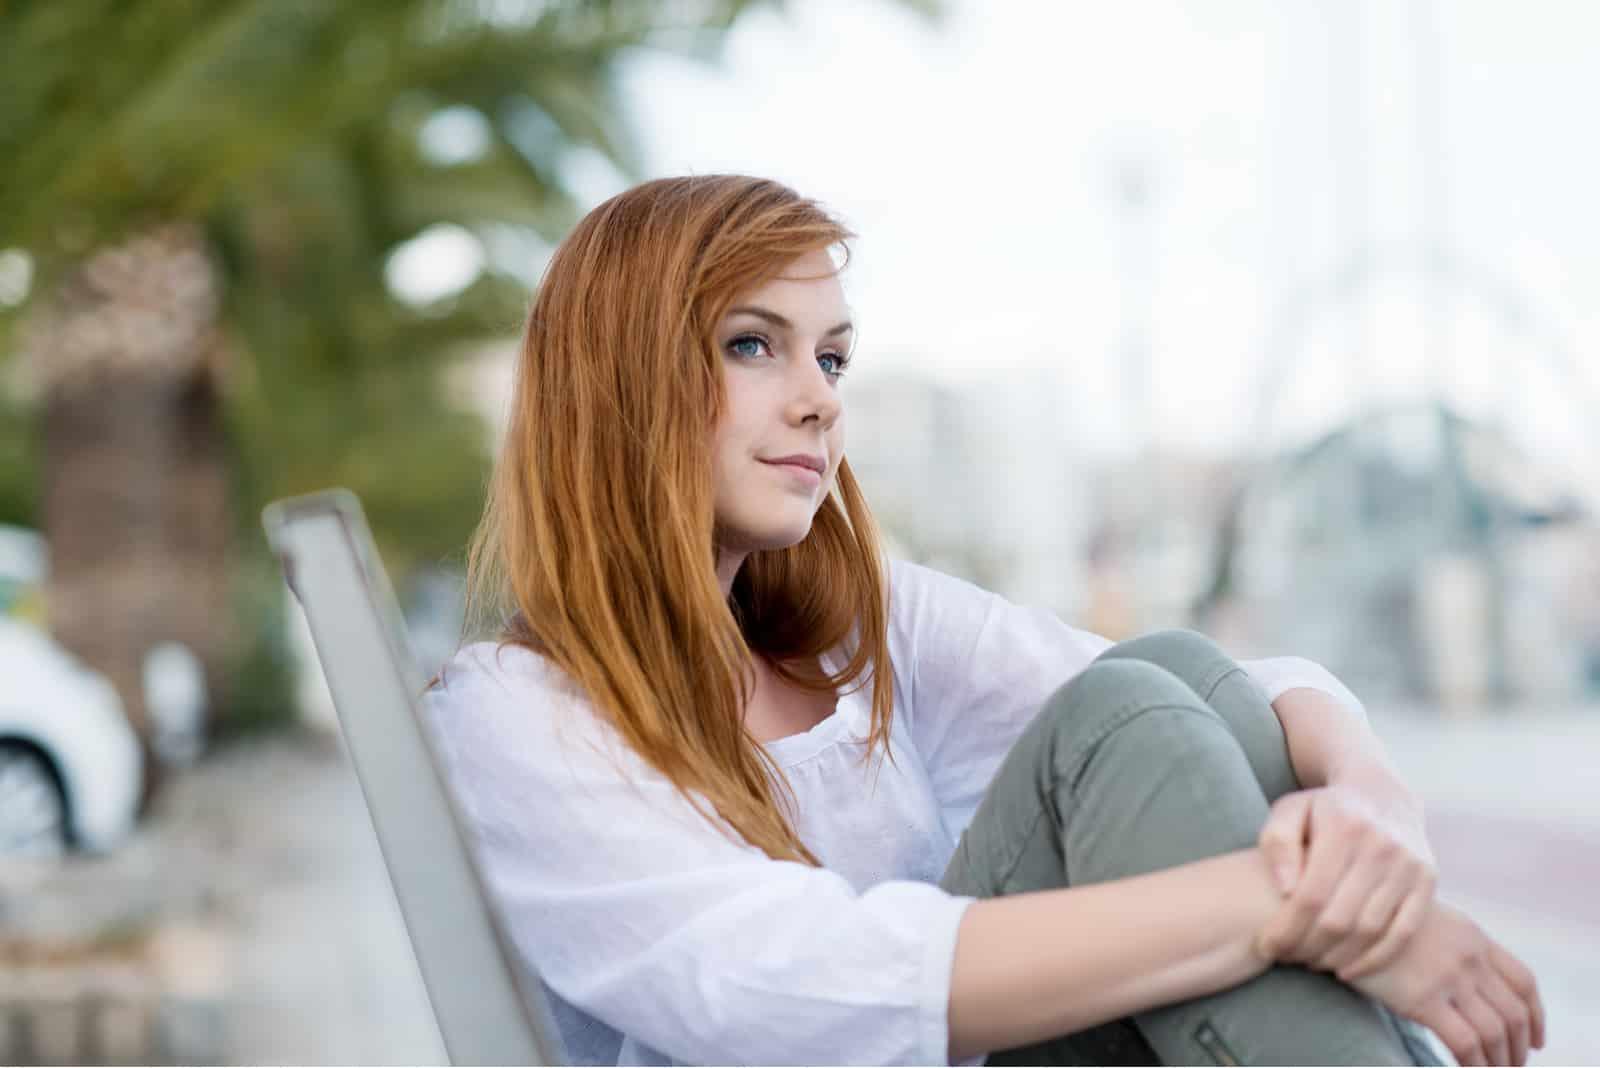 kvinde sidder på bænk i parken